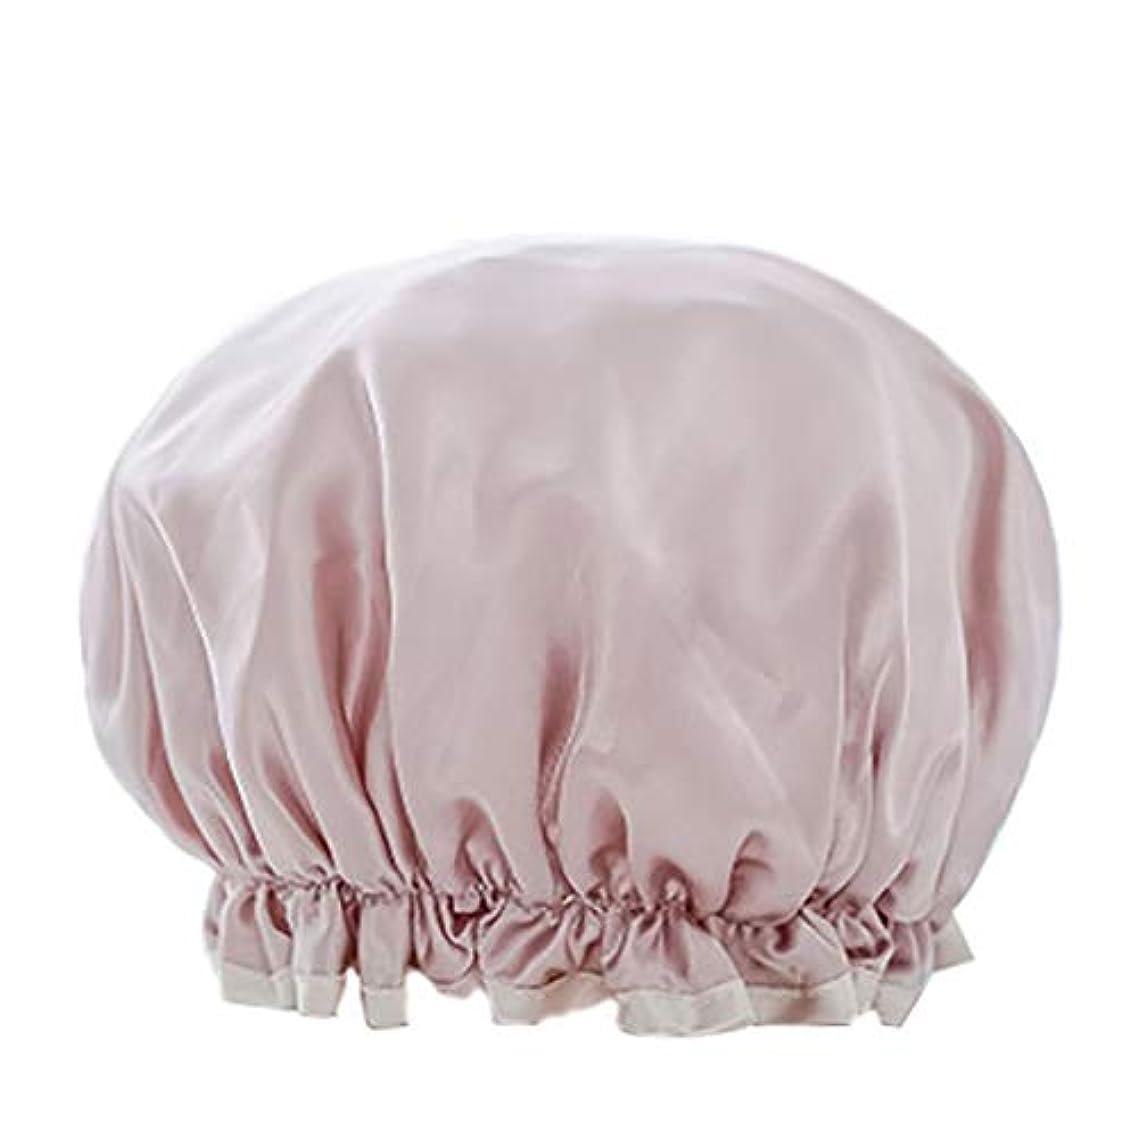 パース吸収モノグラフMaltose 防水シャワーキャップ マイクロファイバー素材 化粧帽 油煙を防ぐ 浴びる 2枚セット